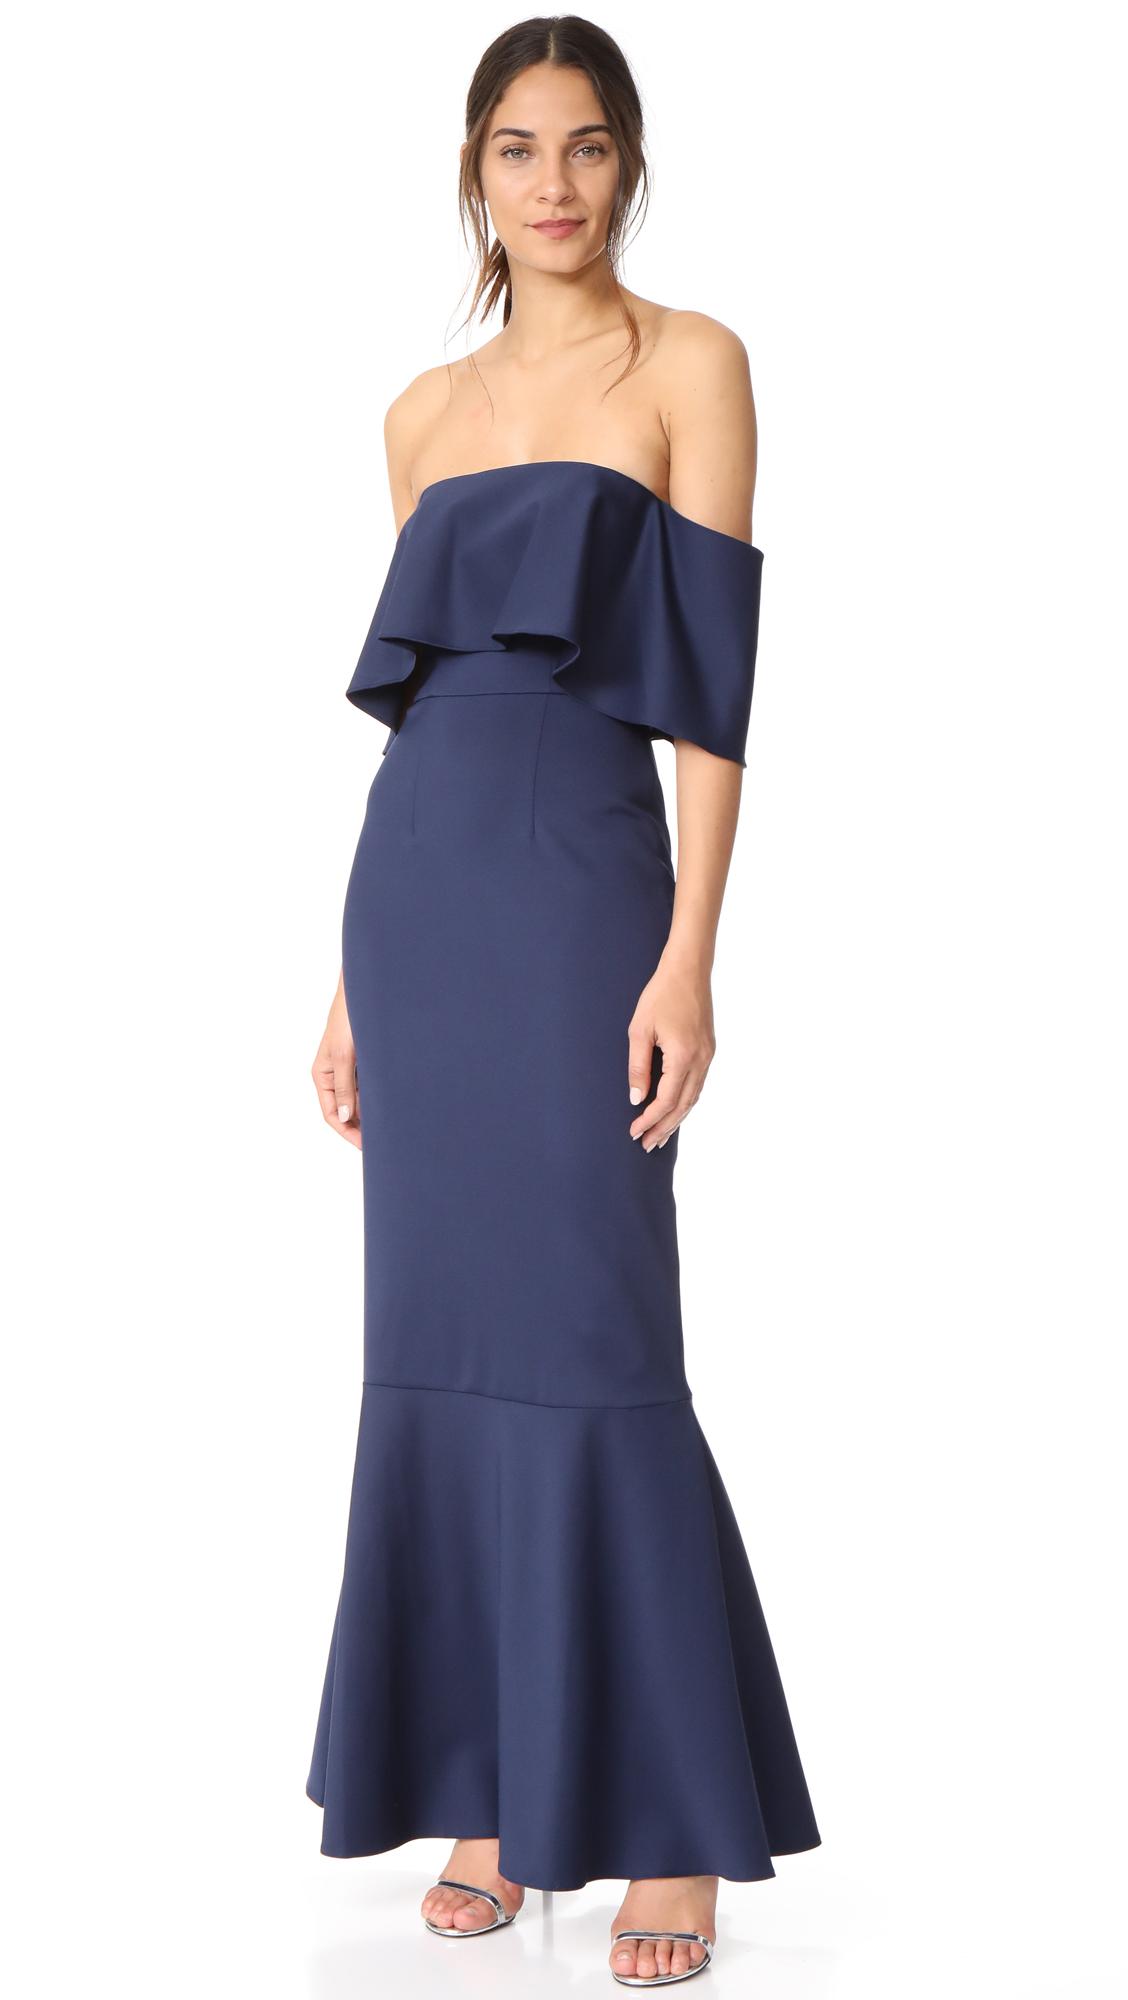 Monique Lhuillier Bridesmaids Off the Shoulder Gown - Navy